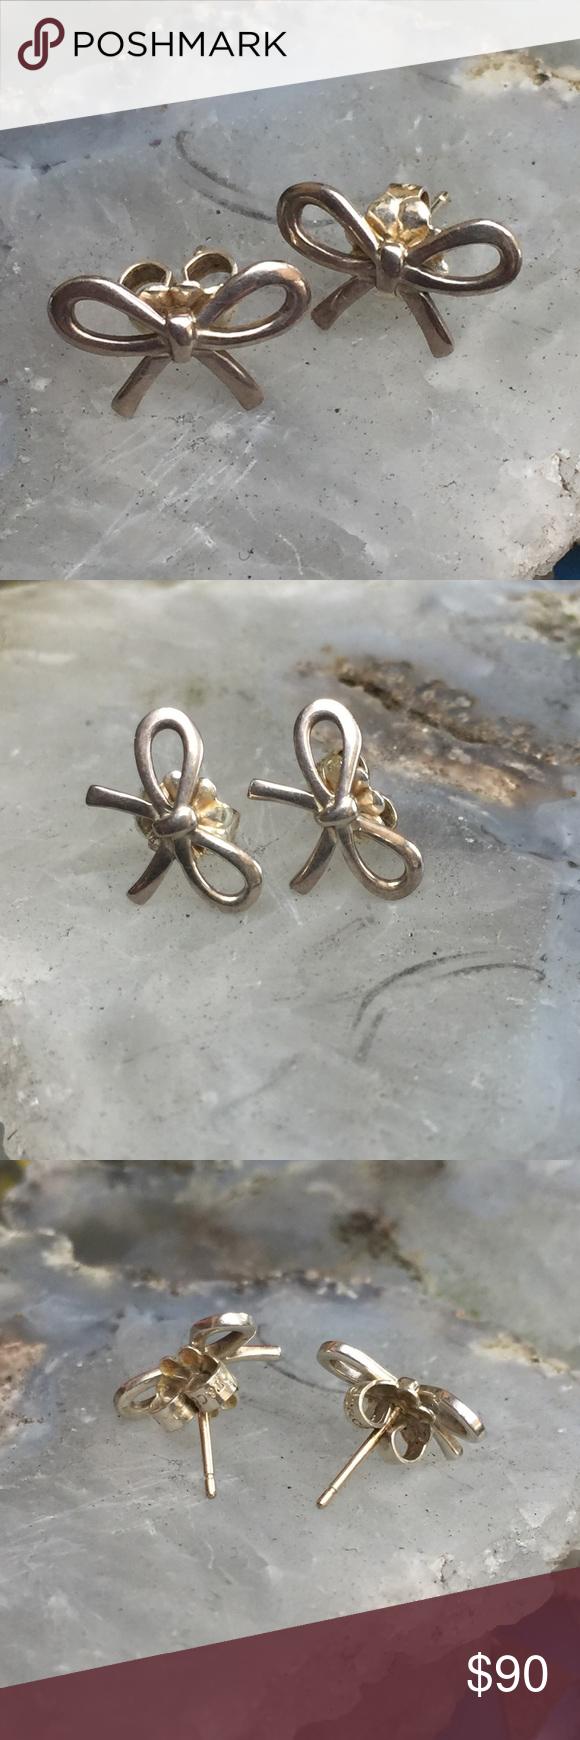 Tiffany Co Bow Earrings In Sterling Silver